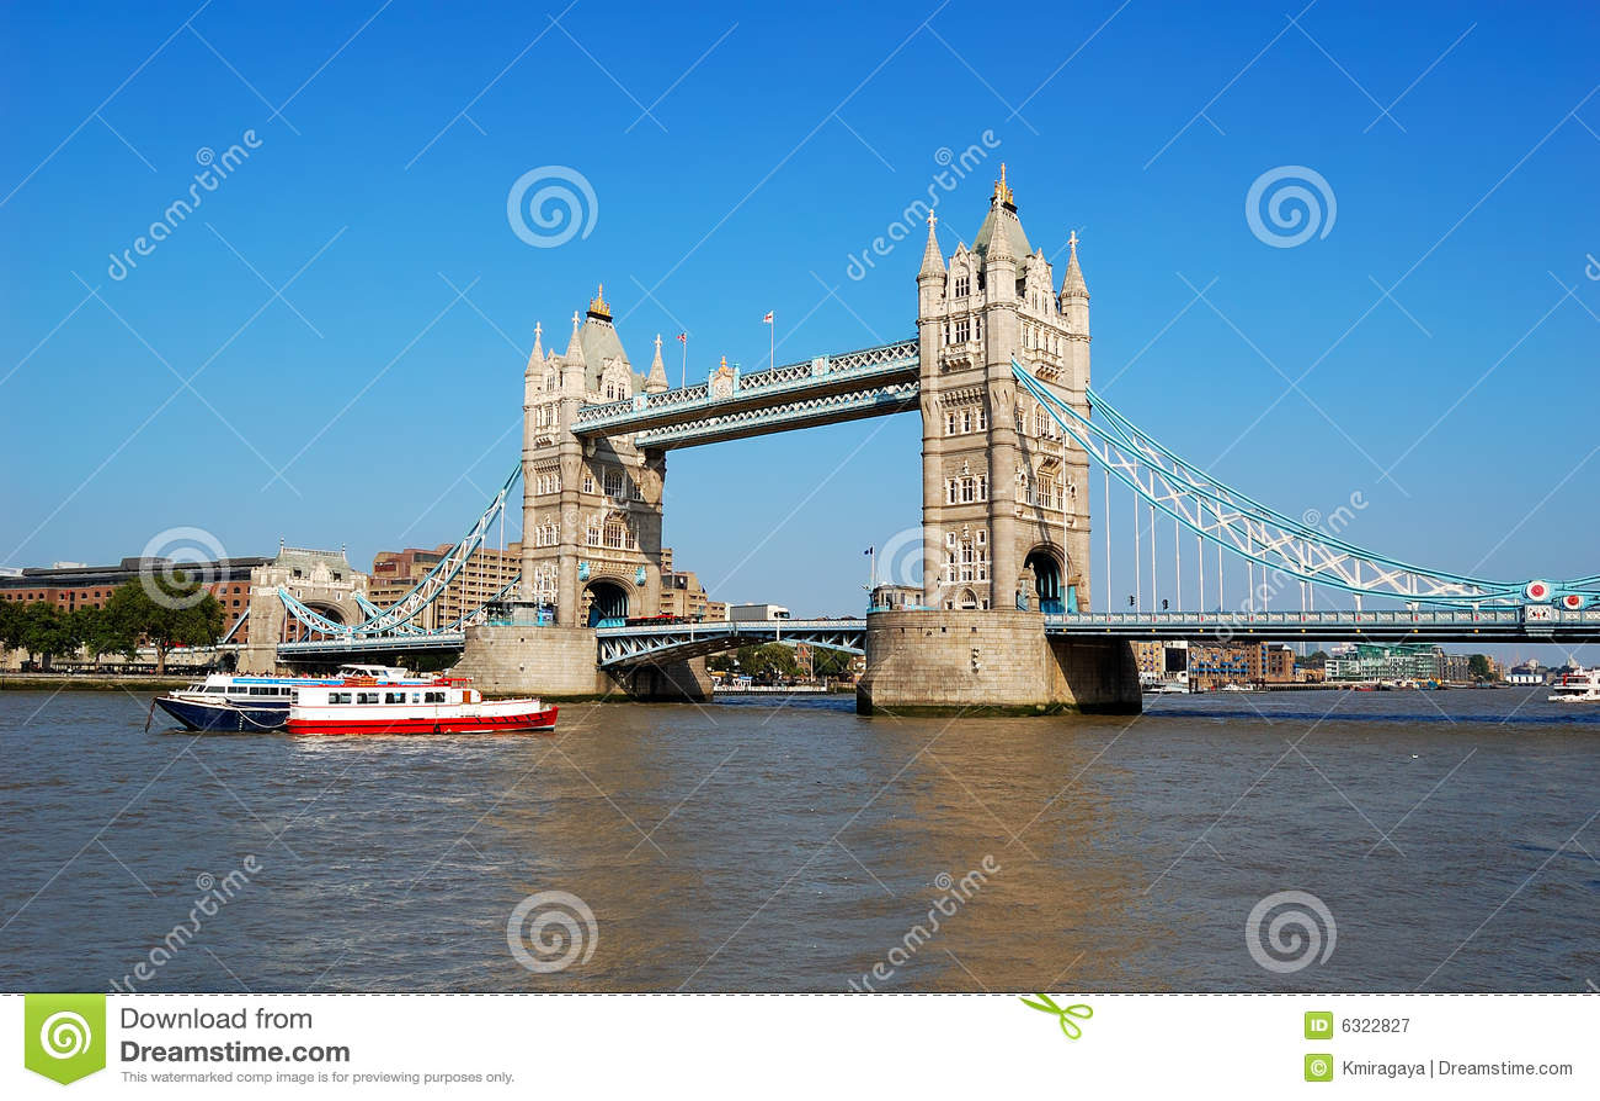 De Brug Londen van de toren